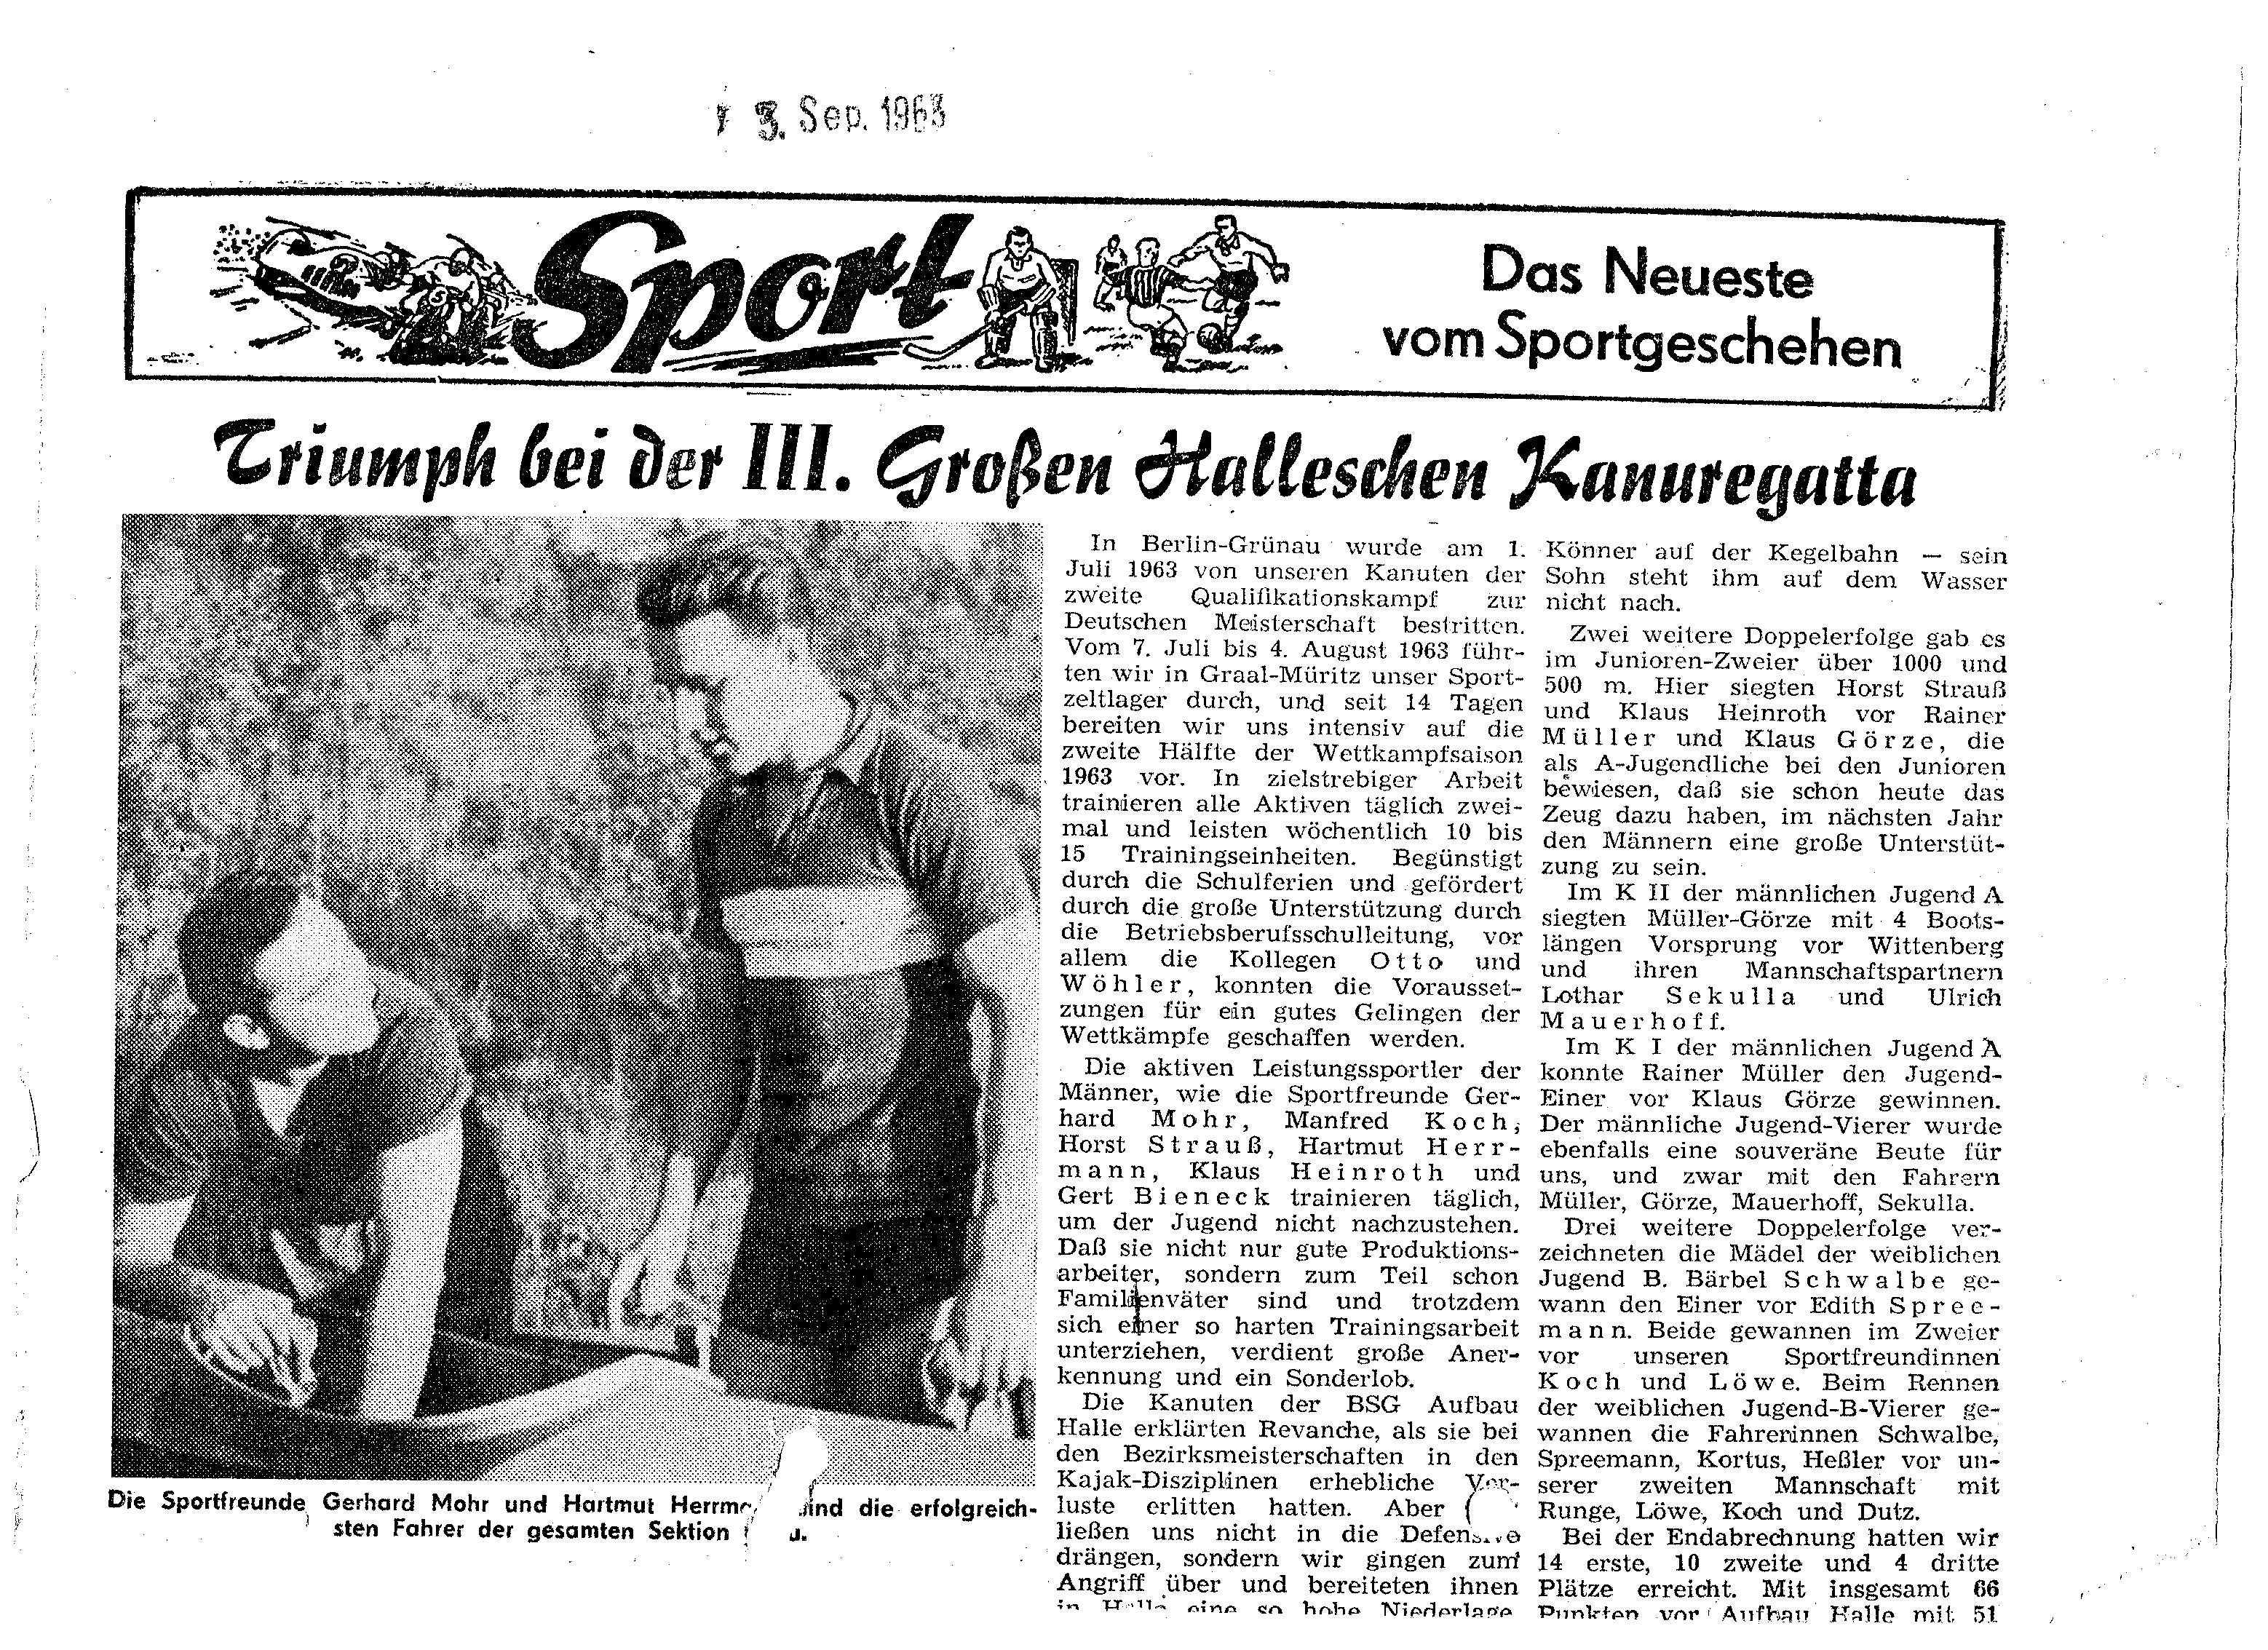 1963-09-13 Triumph bei der 3 großen Halleschen Kanuregatta